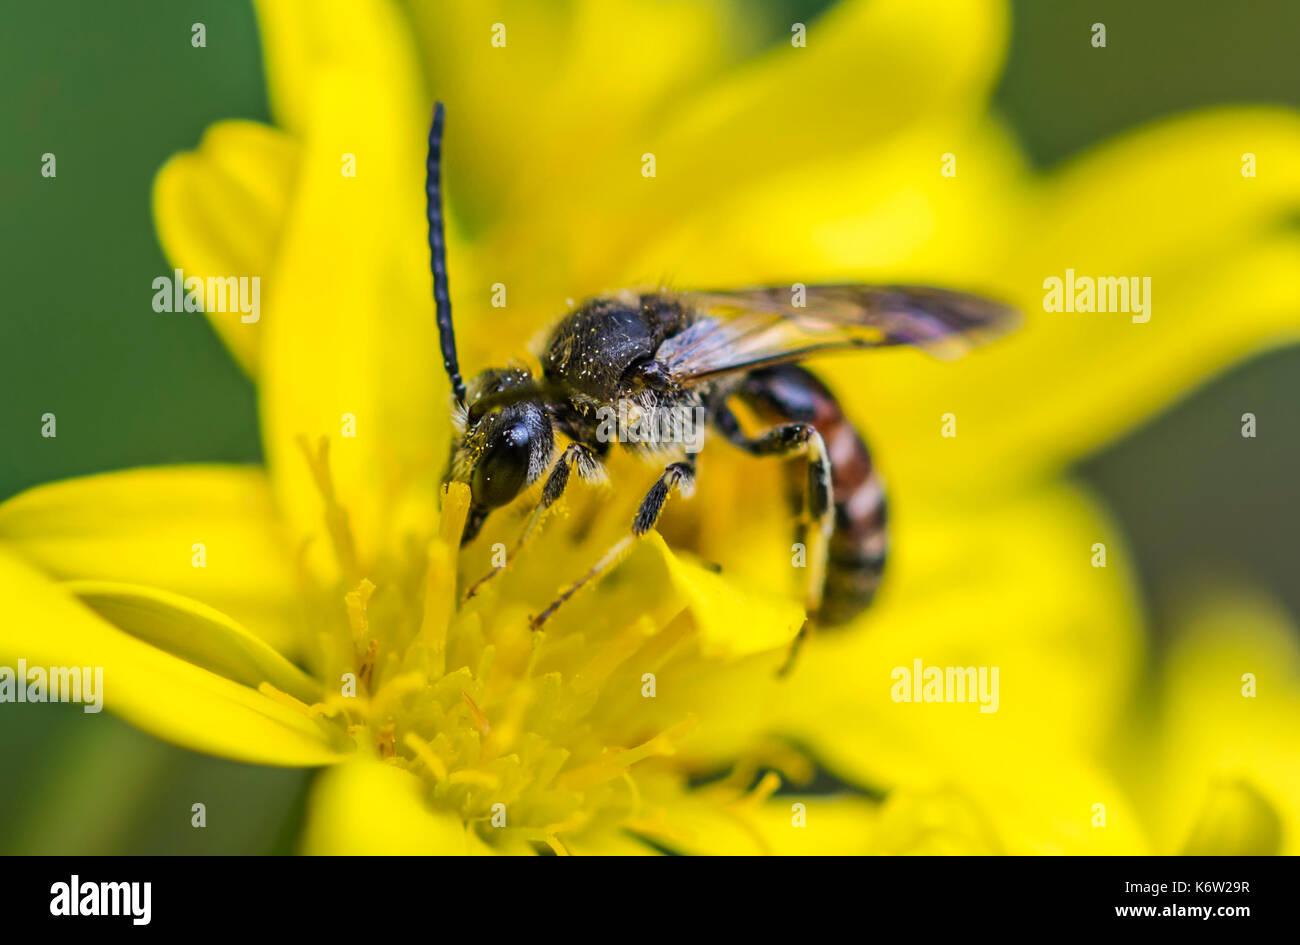 Sudor, Lasioglossum especies de abejas, posiblemente Lasioglossum calceatum (Common surco-abeja) a principios de otoño en West Sussex, Inglaterra, Reino Unido. Imagen De Stock